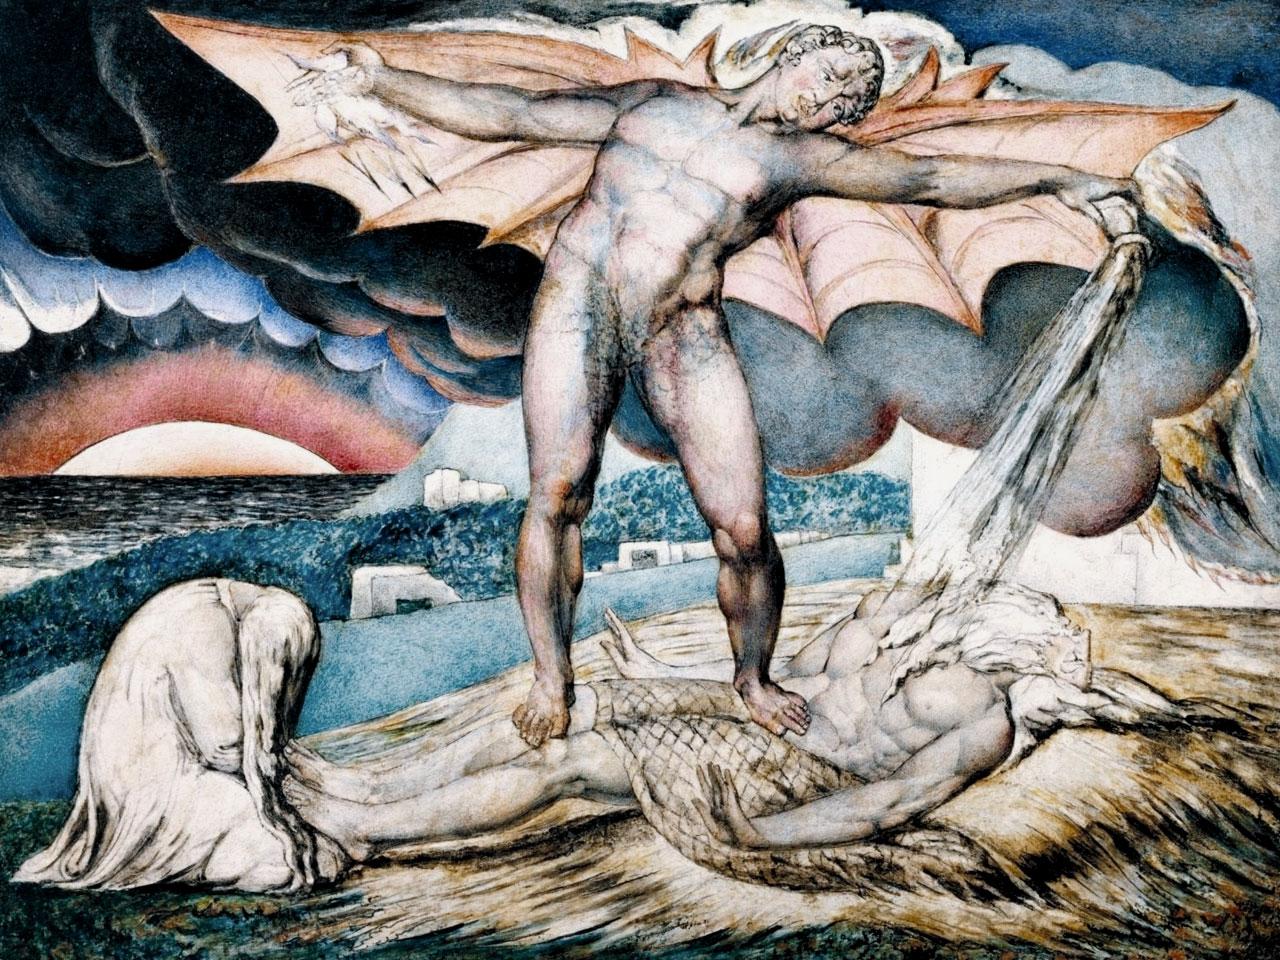 მთავარი ამ ქვეყნისა, ეშმაკთა, ჰაერის ძალთა - სატანა